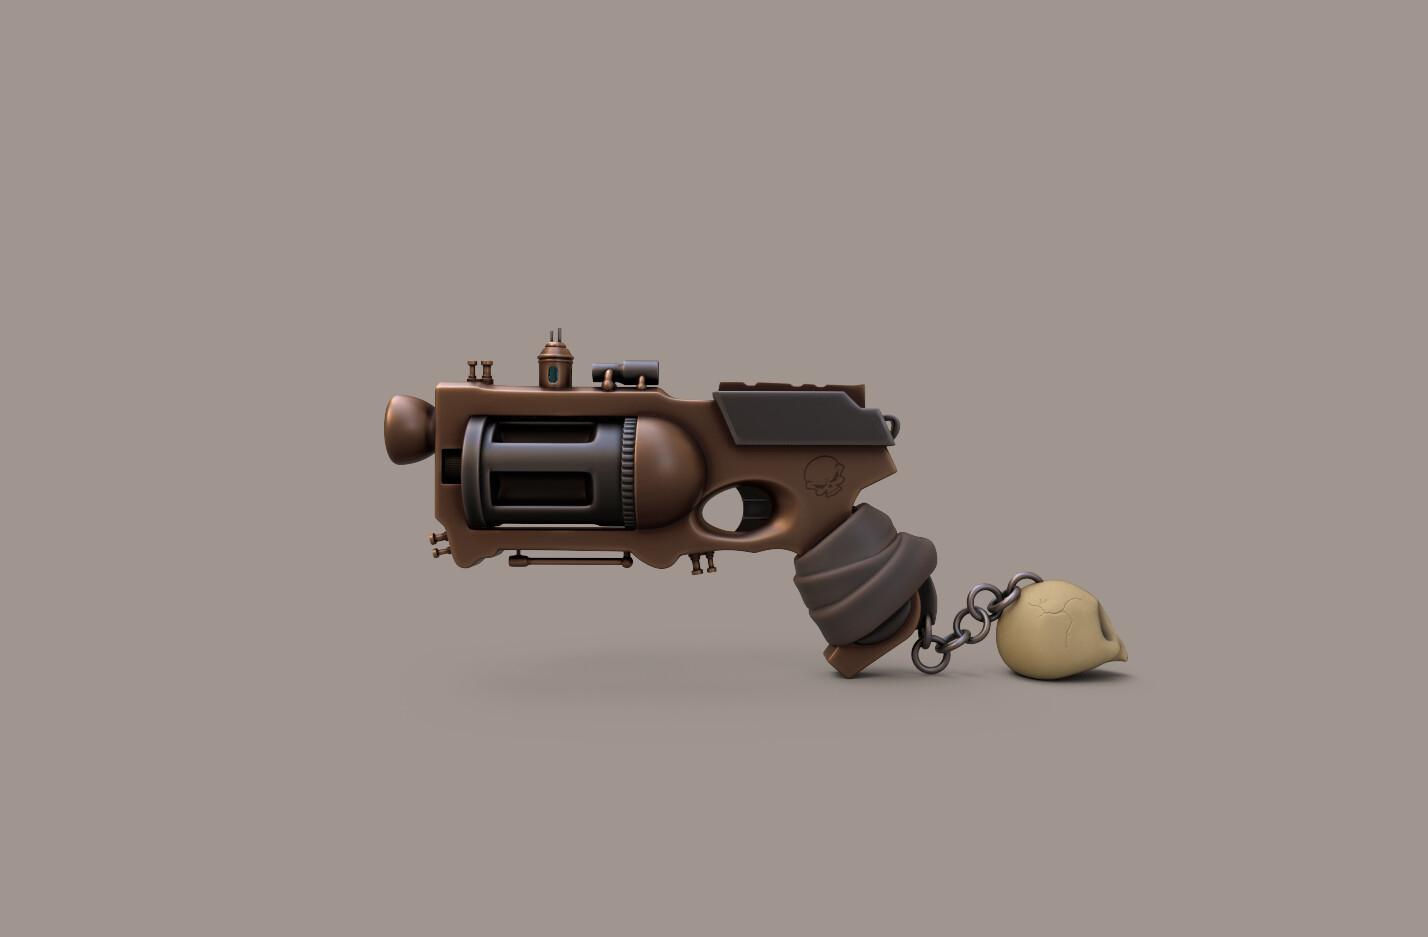 Hur serhat oz gun 02